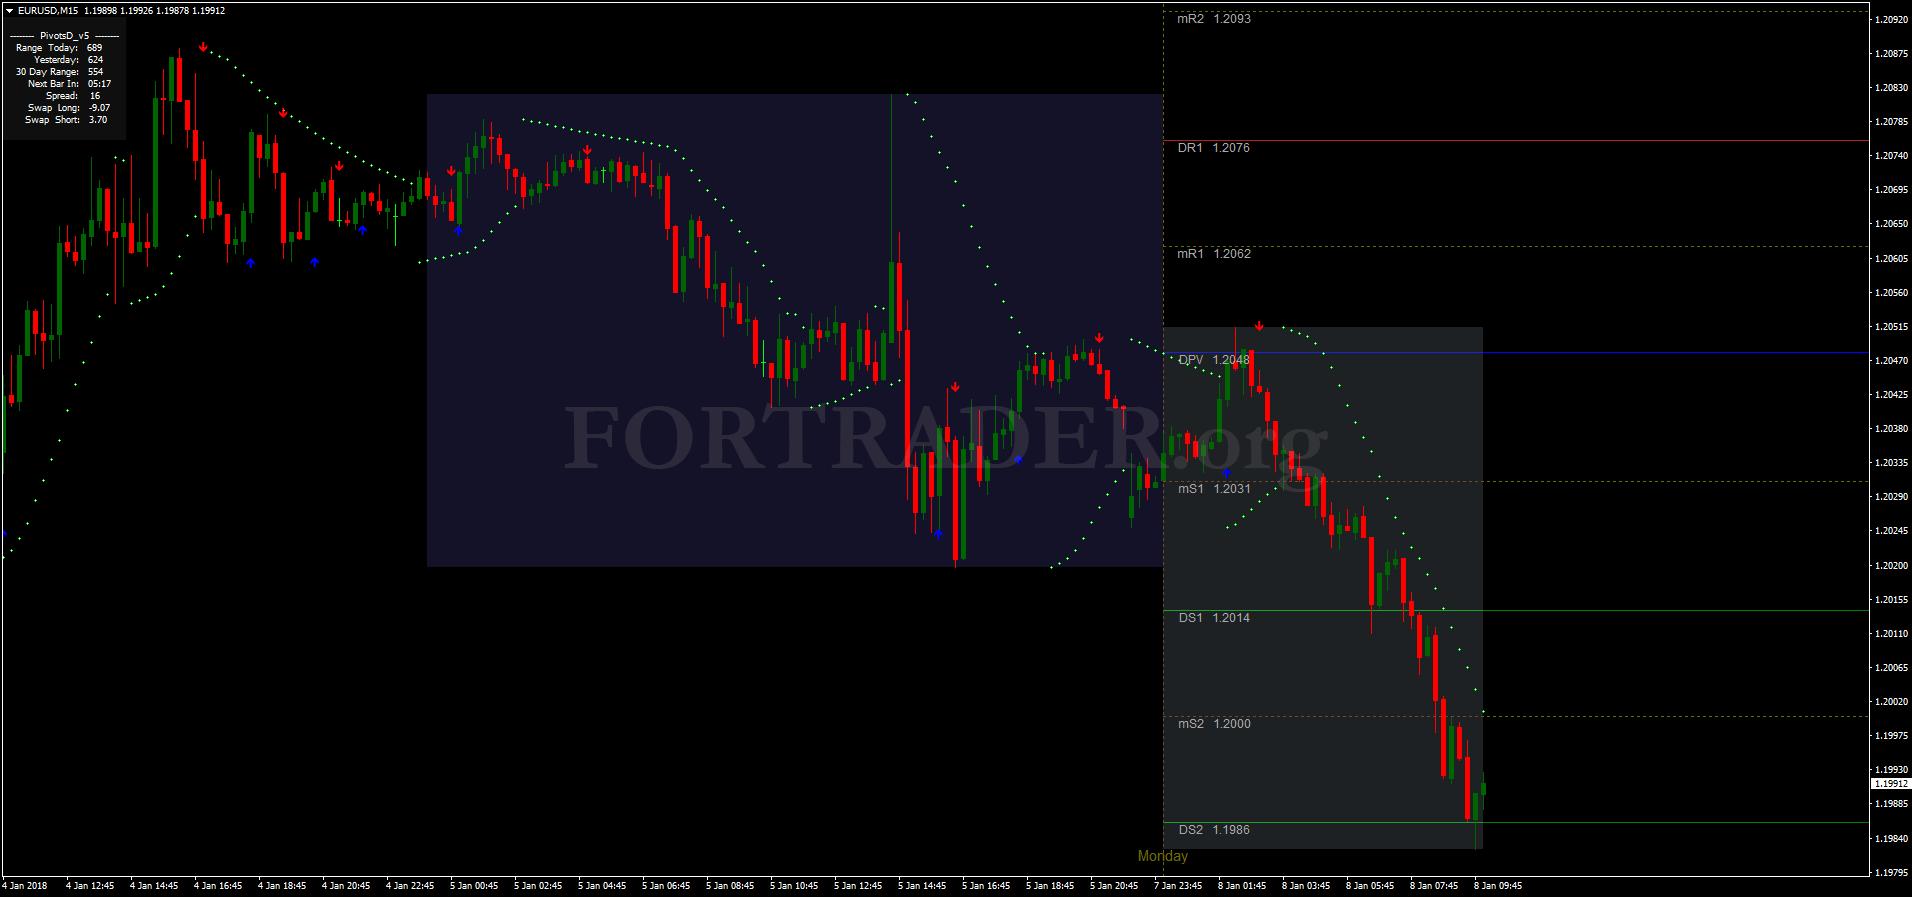 Форекс стратегии по внутридневной торговле форекс брокер trade